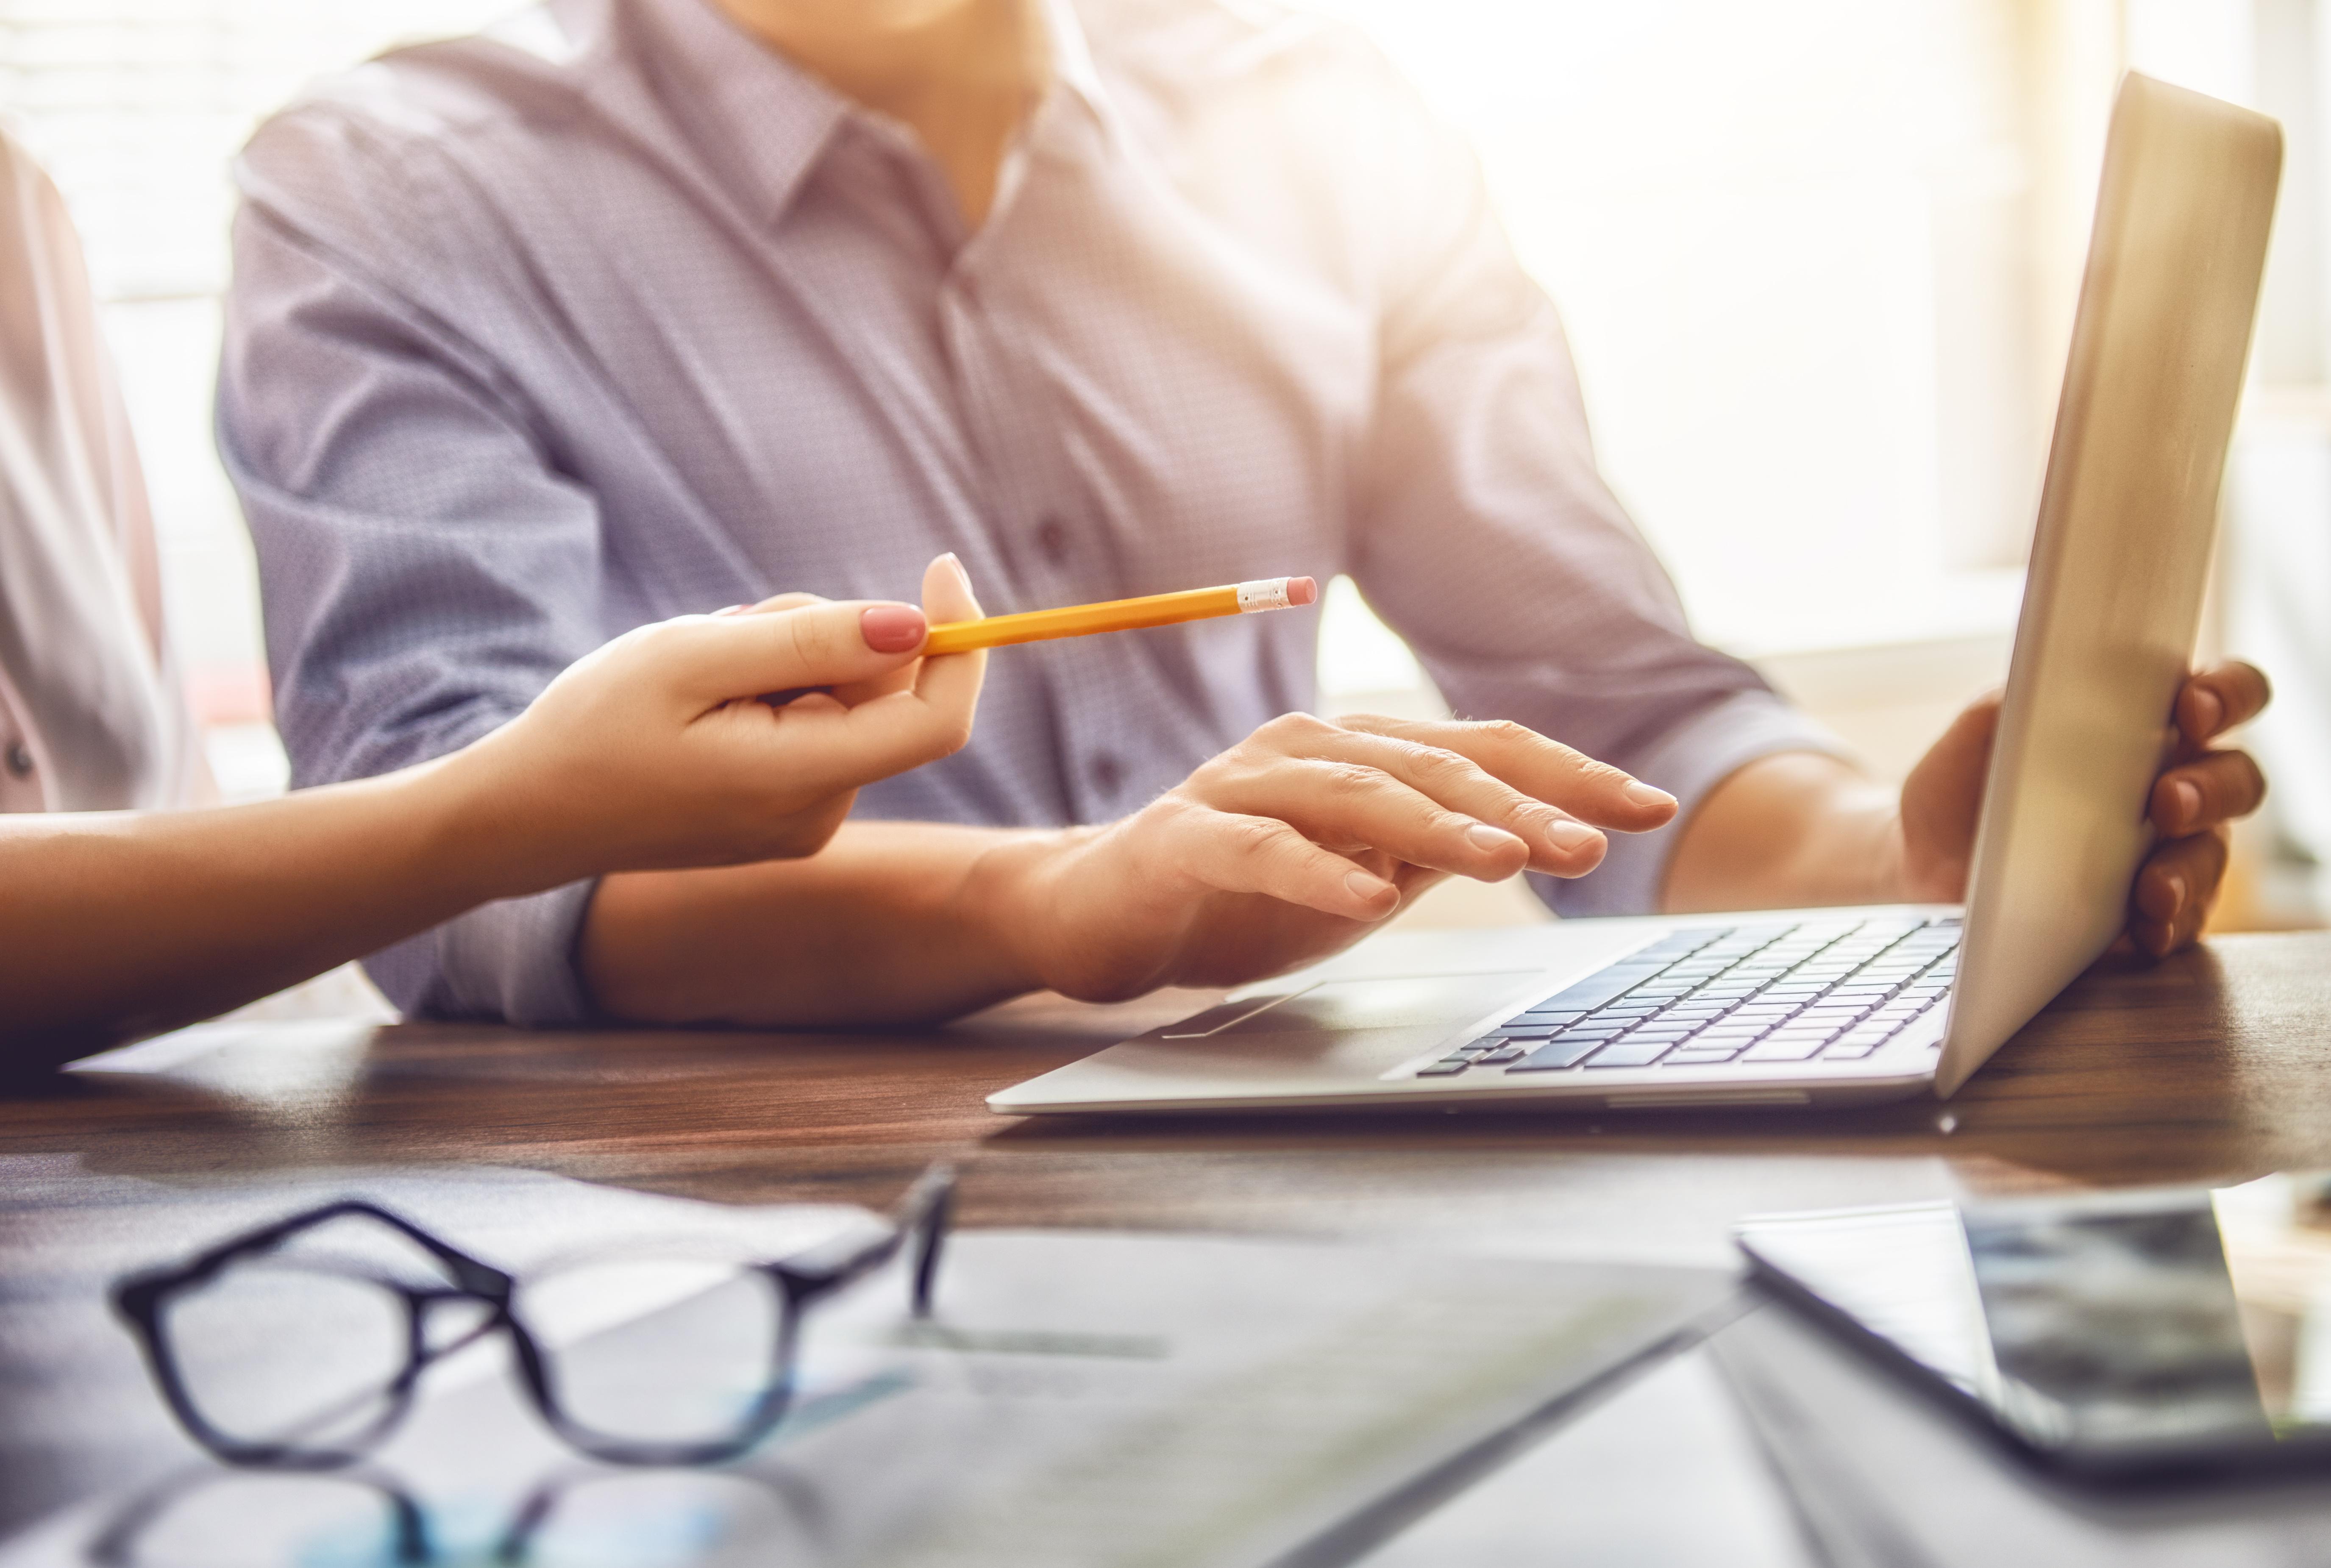 Mann und Frau in Business-Kleidung sitzen gemeinsam an einem Laptop und besprechen sich